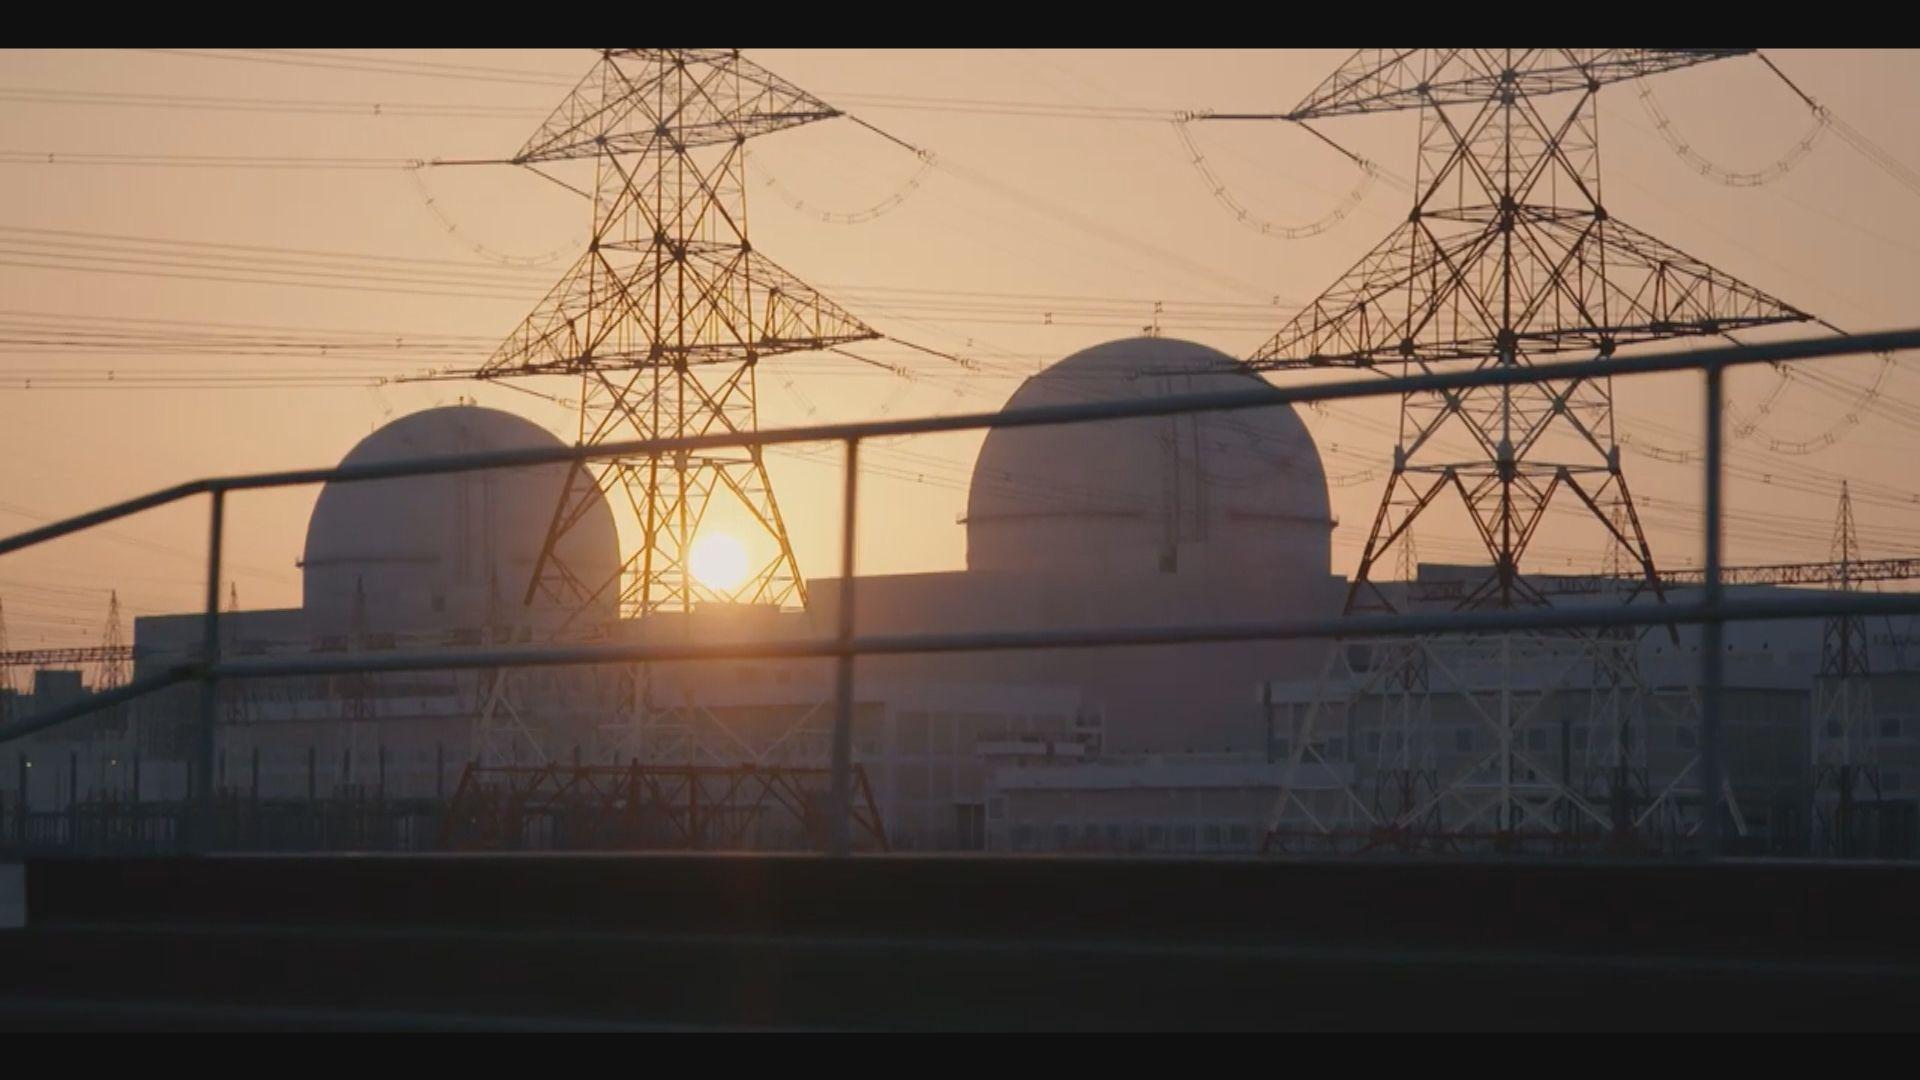 阿聯酋核電廠啟用 為阿拉伯首座